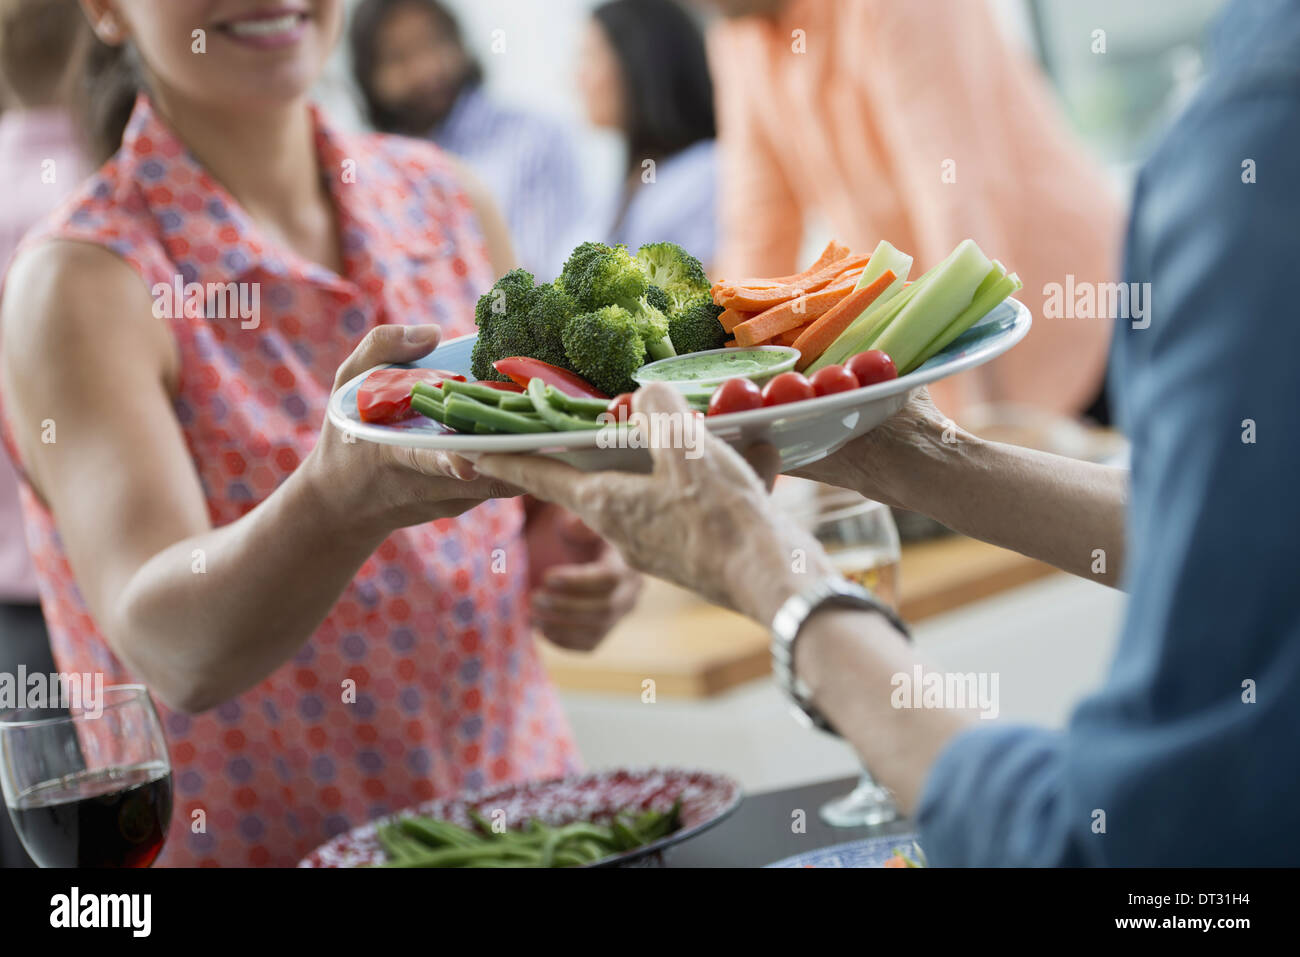 Buffet di insalate di età mista e le etnie riuniti insieme Immagini Stock